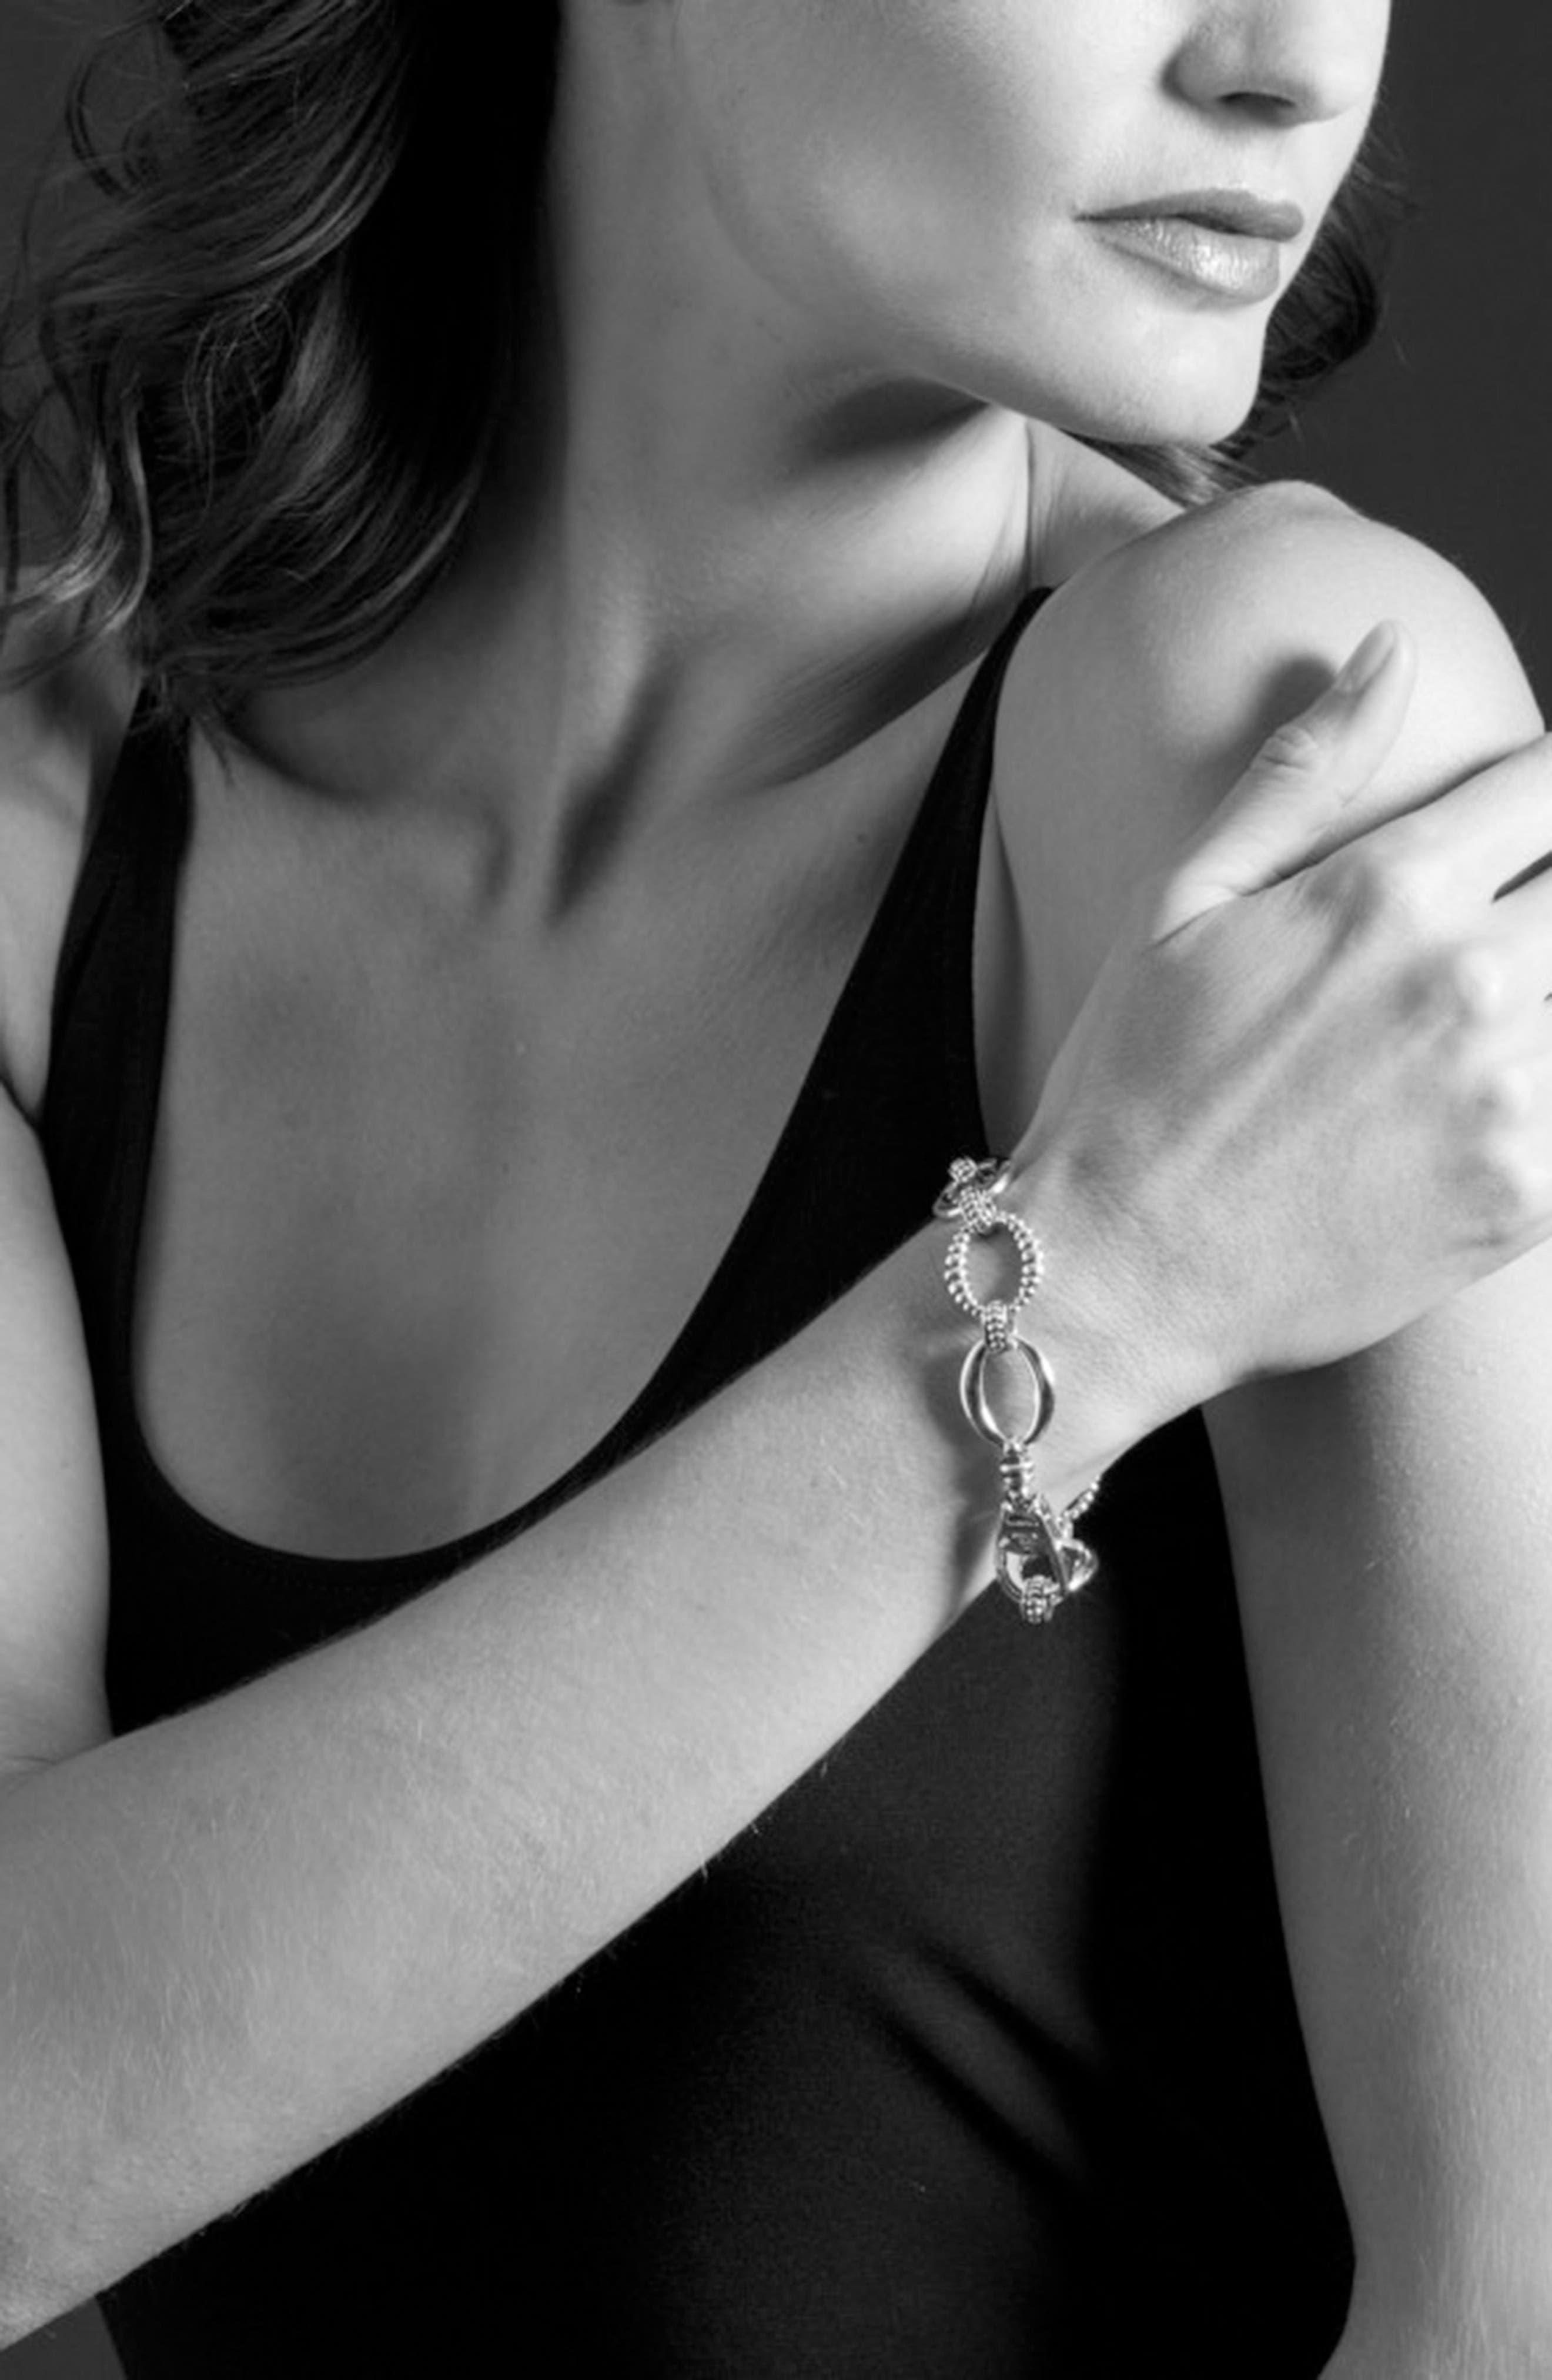 'Link' Sterling Silver Oval Link Bracelet,                             Alternate thumbnail 3, color,                             Sterling Silver